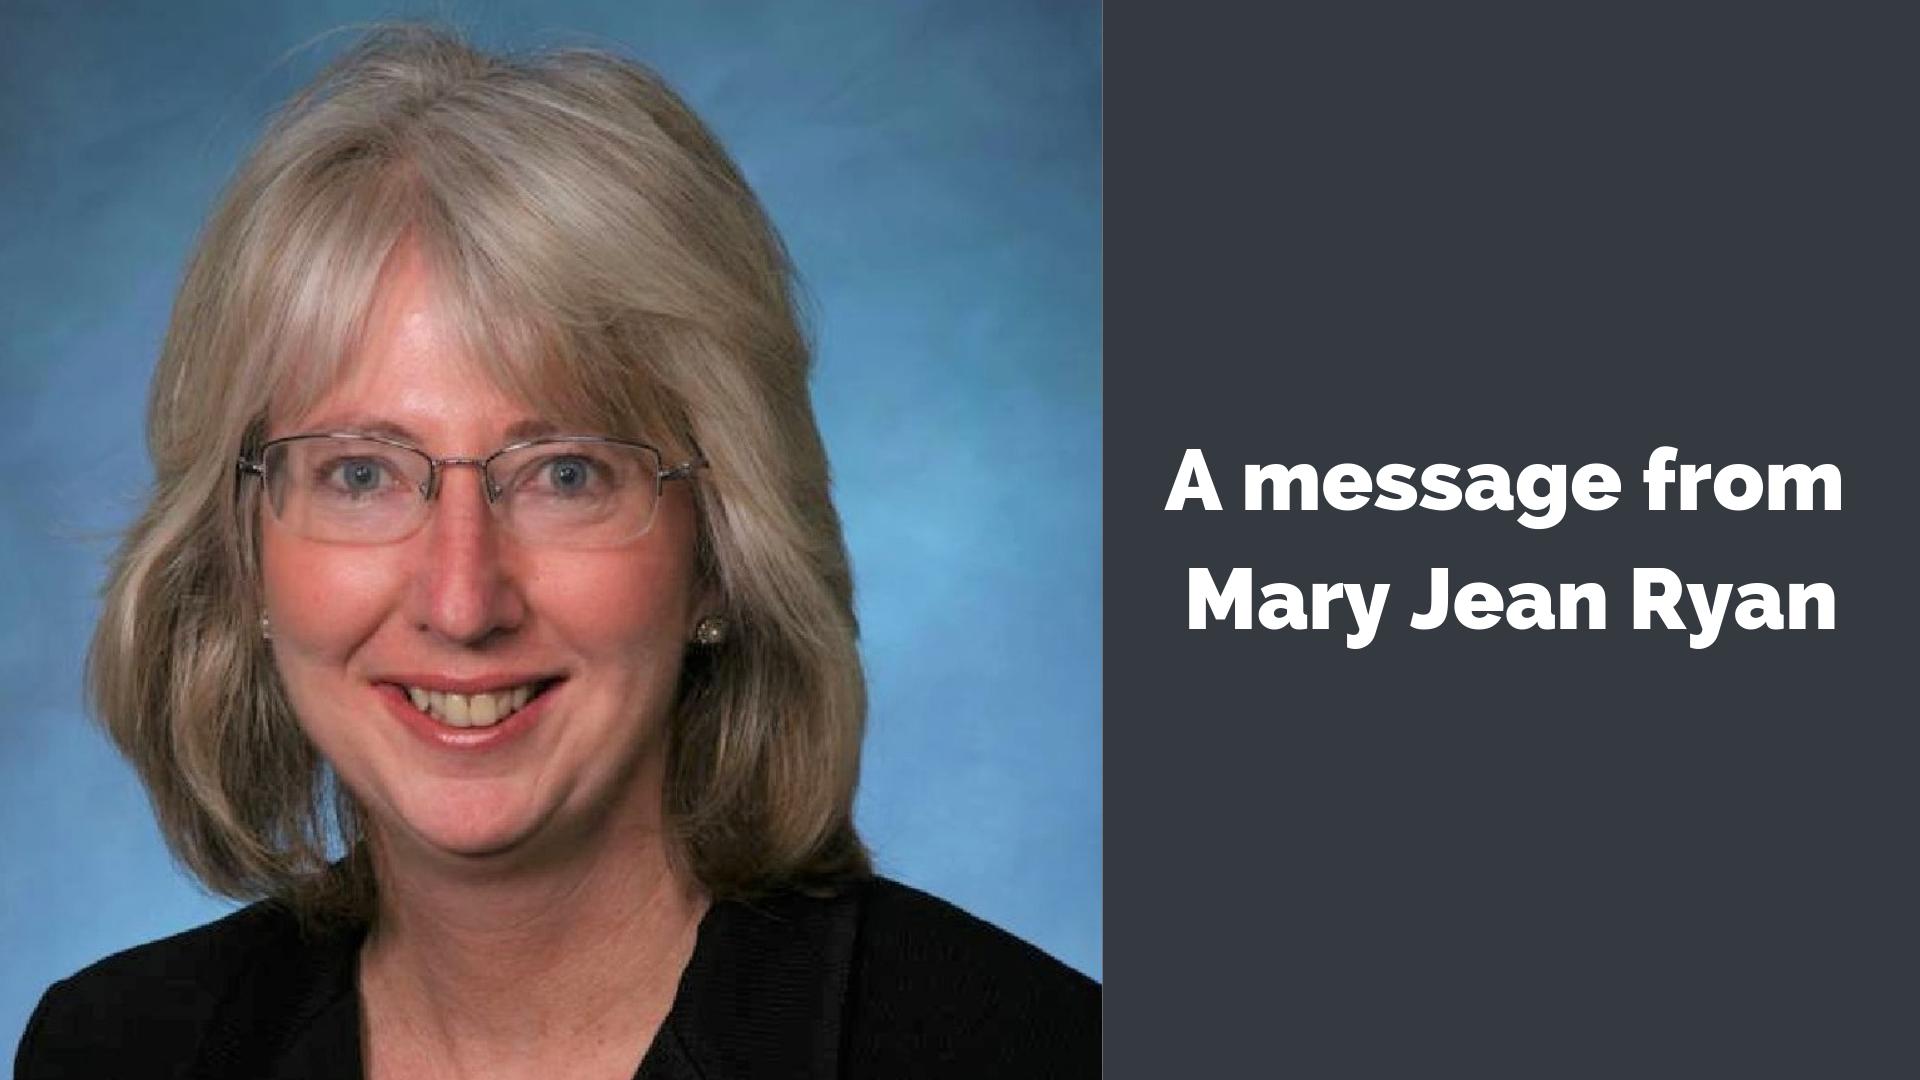 Mary Jean Ryan